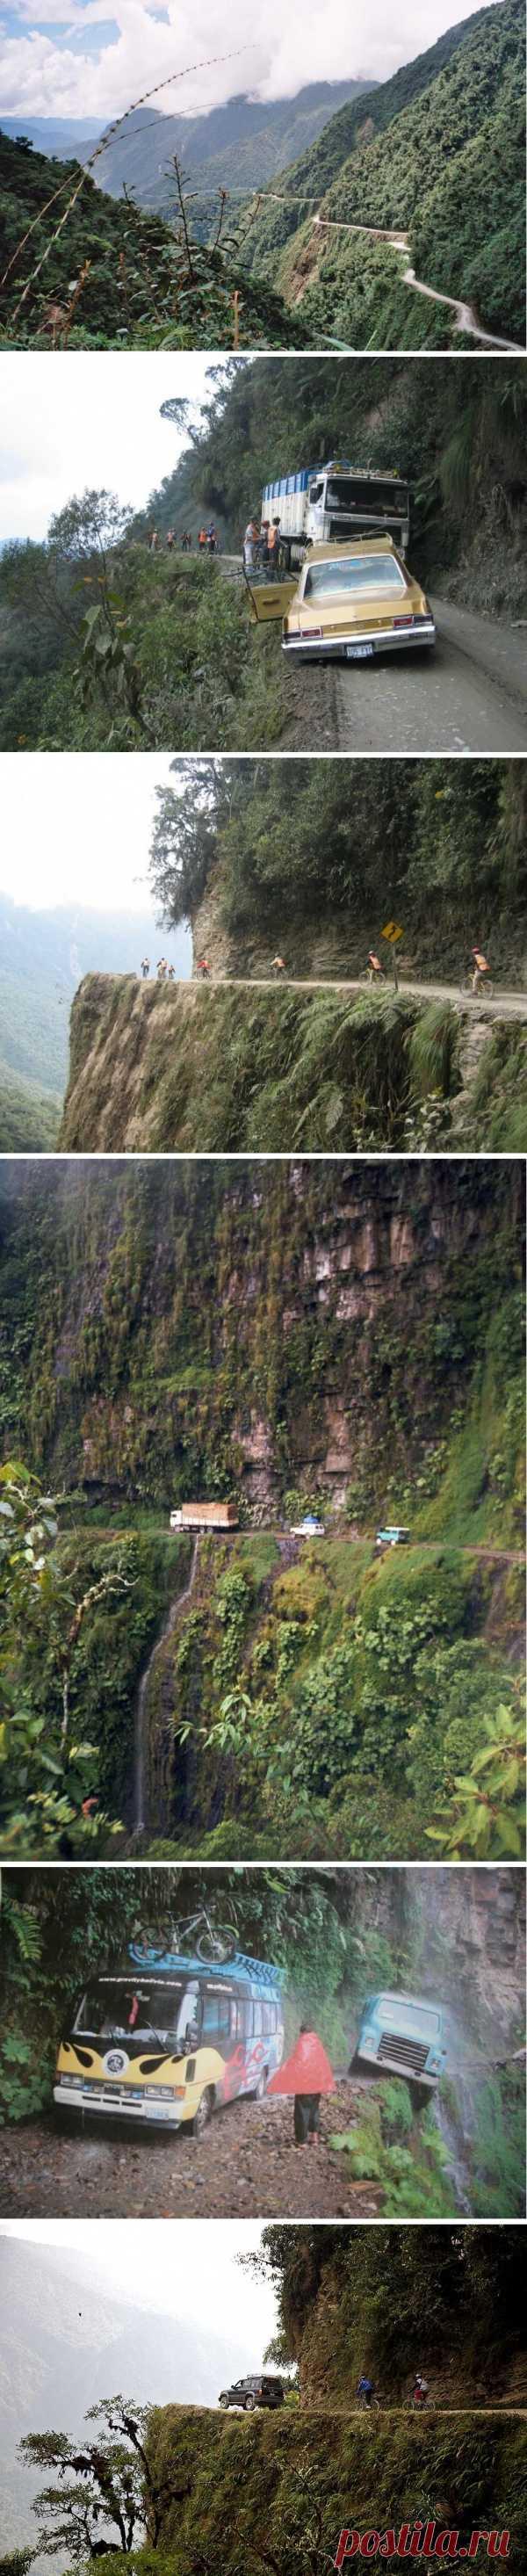 """Самая страшная дорога в мире - """"Дорога Смерти"""", Боливия"""